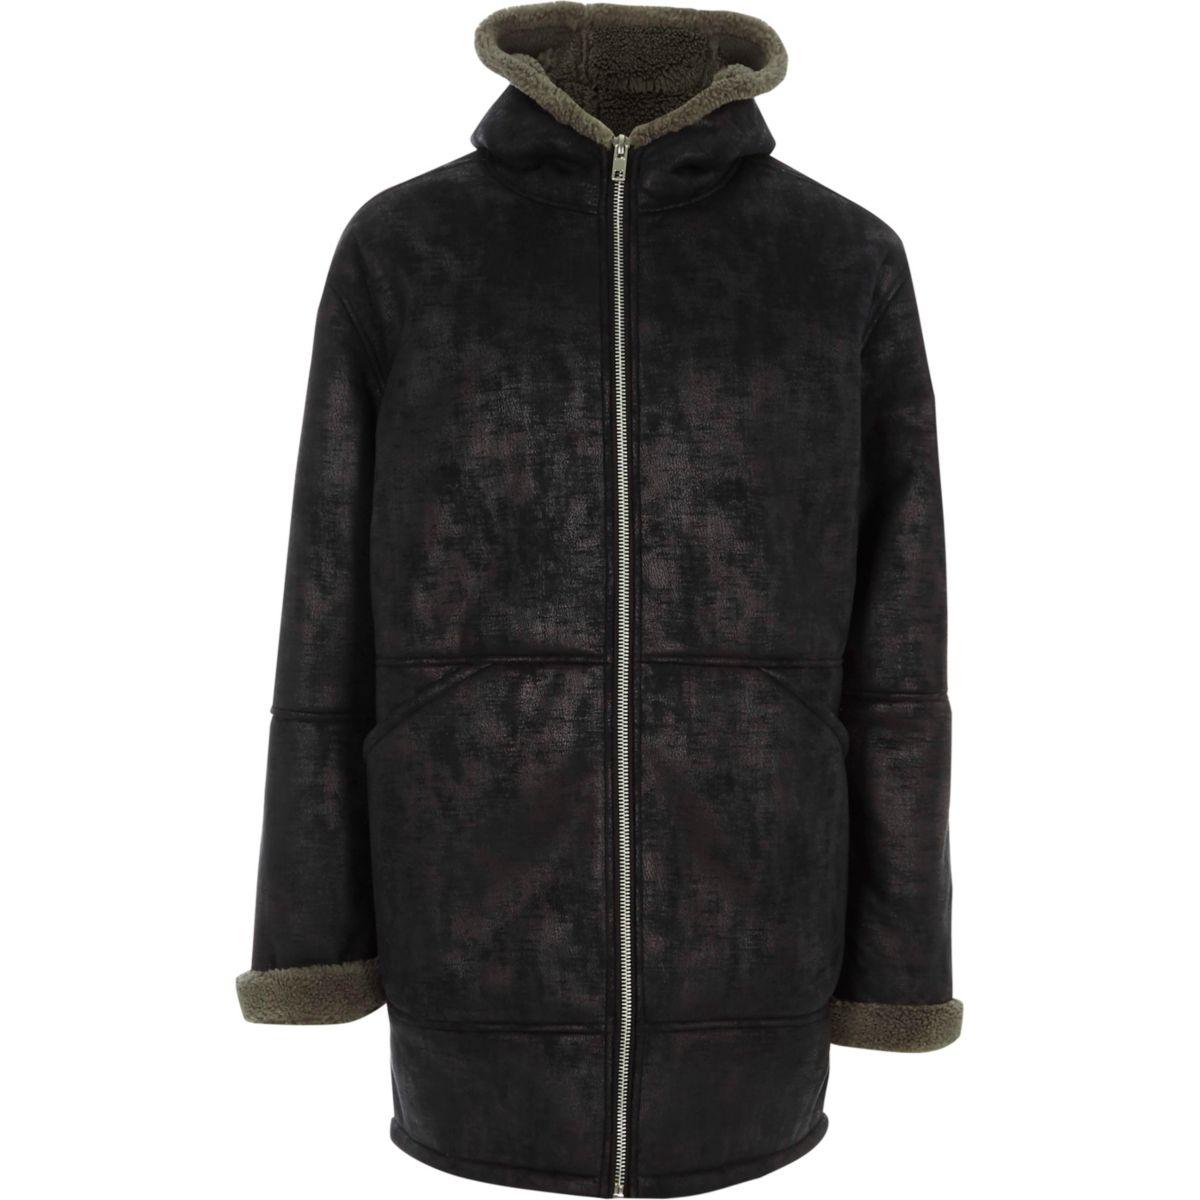 Veste à capuche oversize imitation peau de mouton